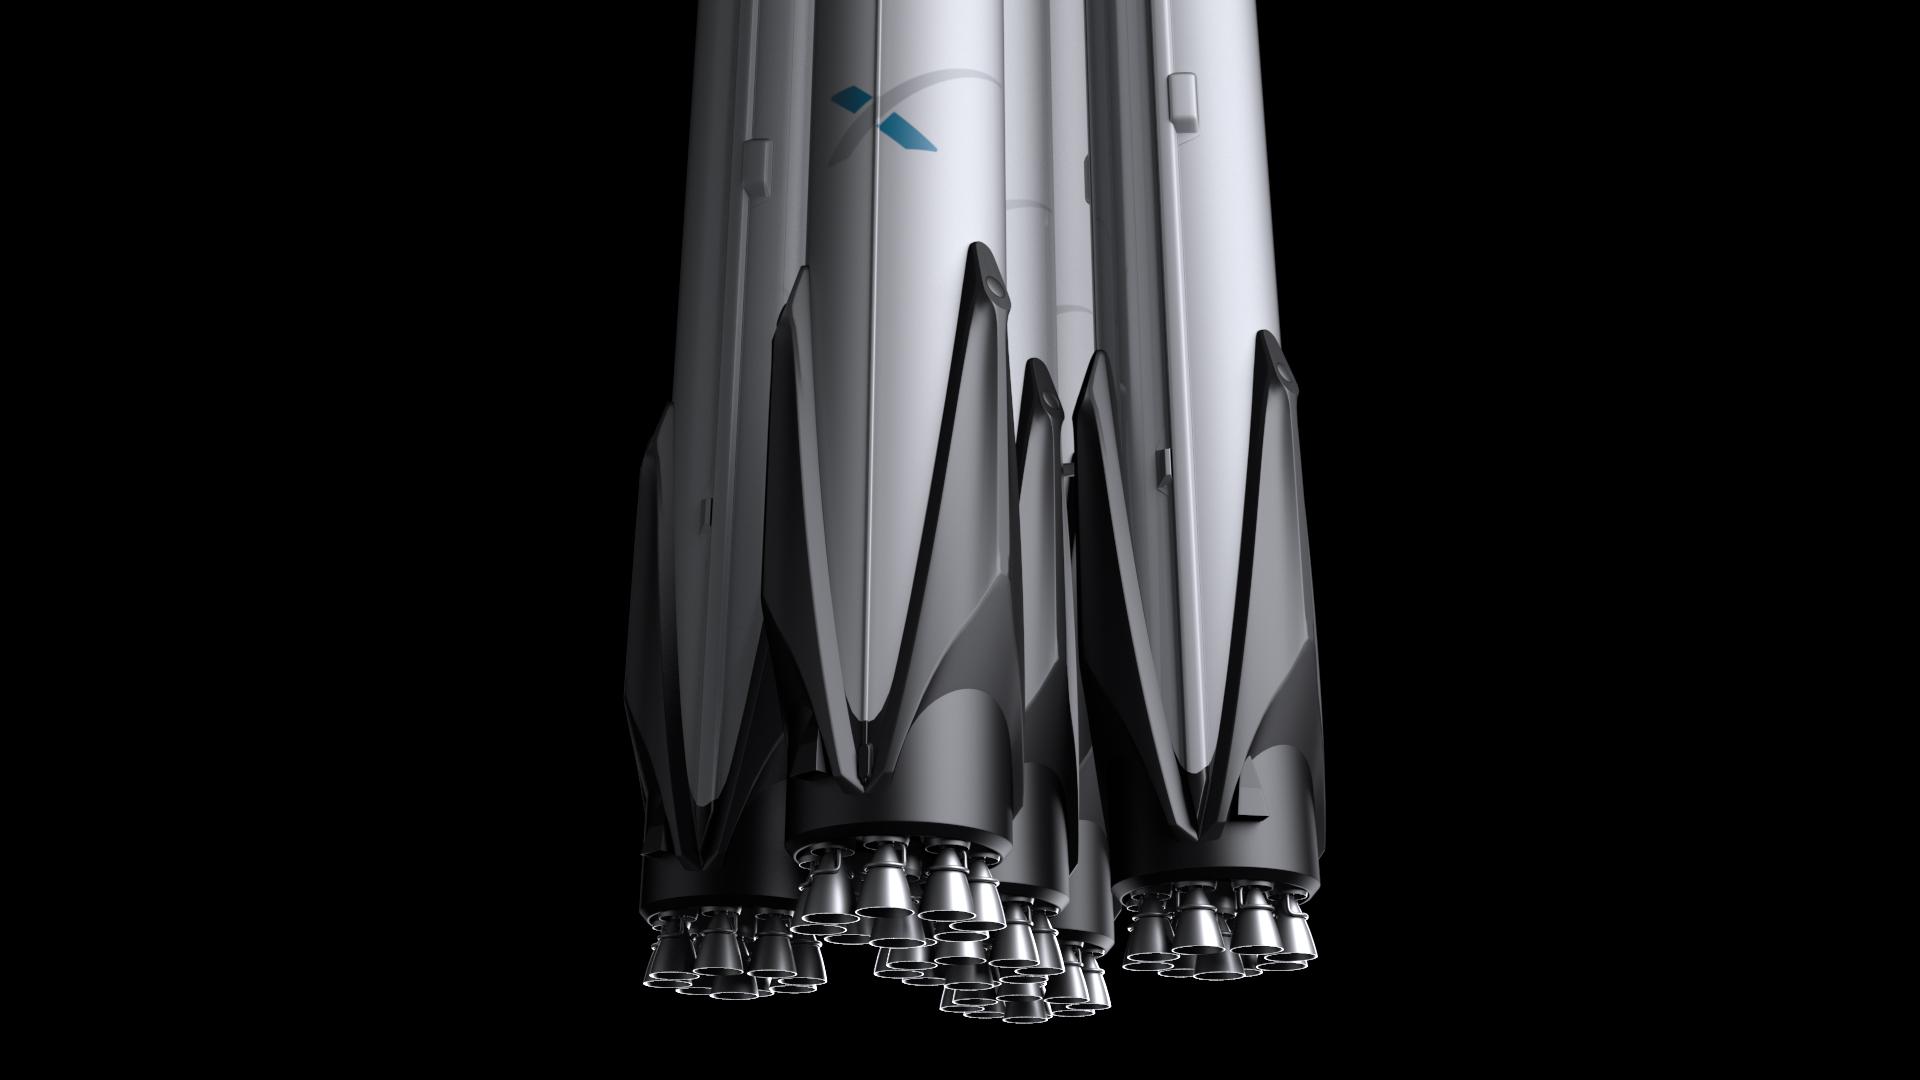 falcon super heavy v1.2 3d model max fbx c4d lwo ma mb hrc xsi obj 277919